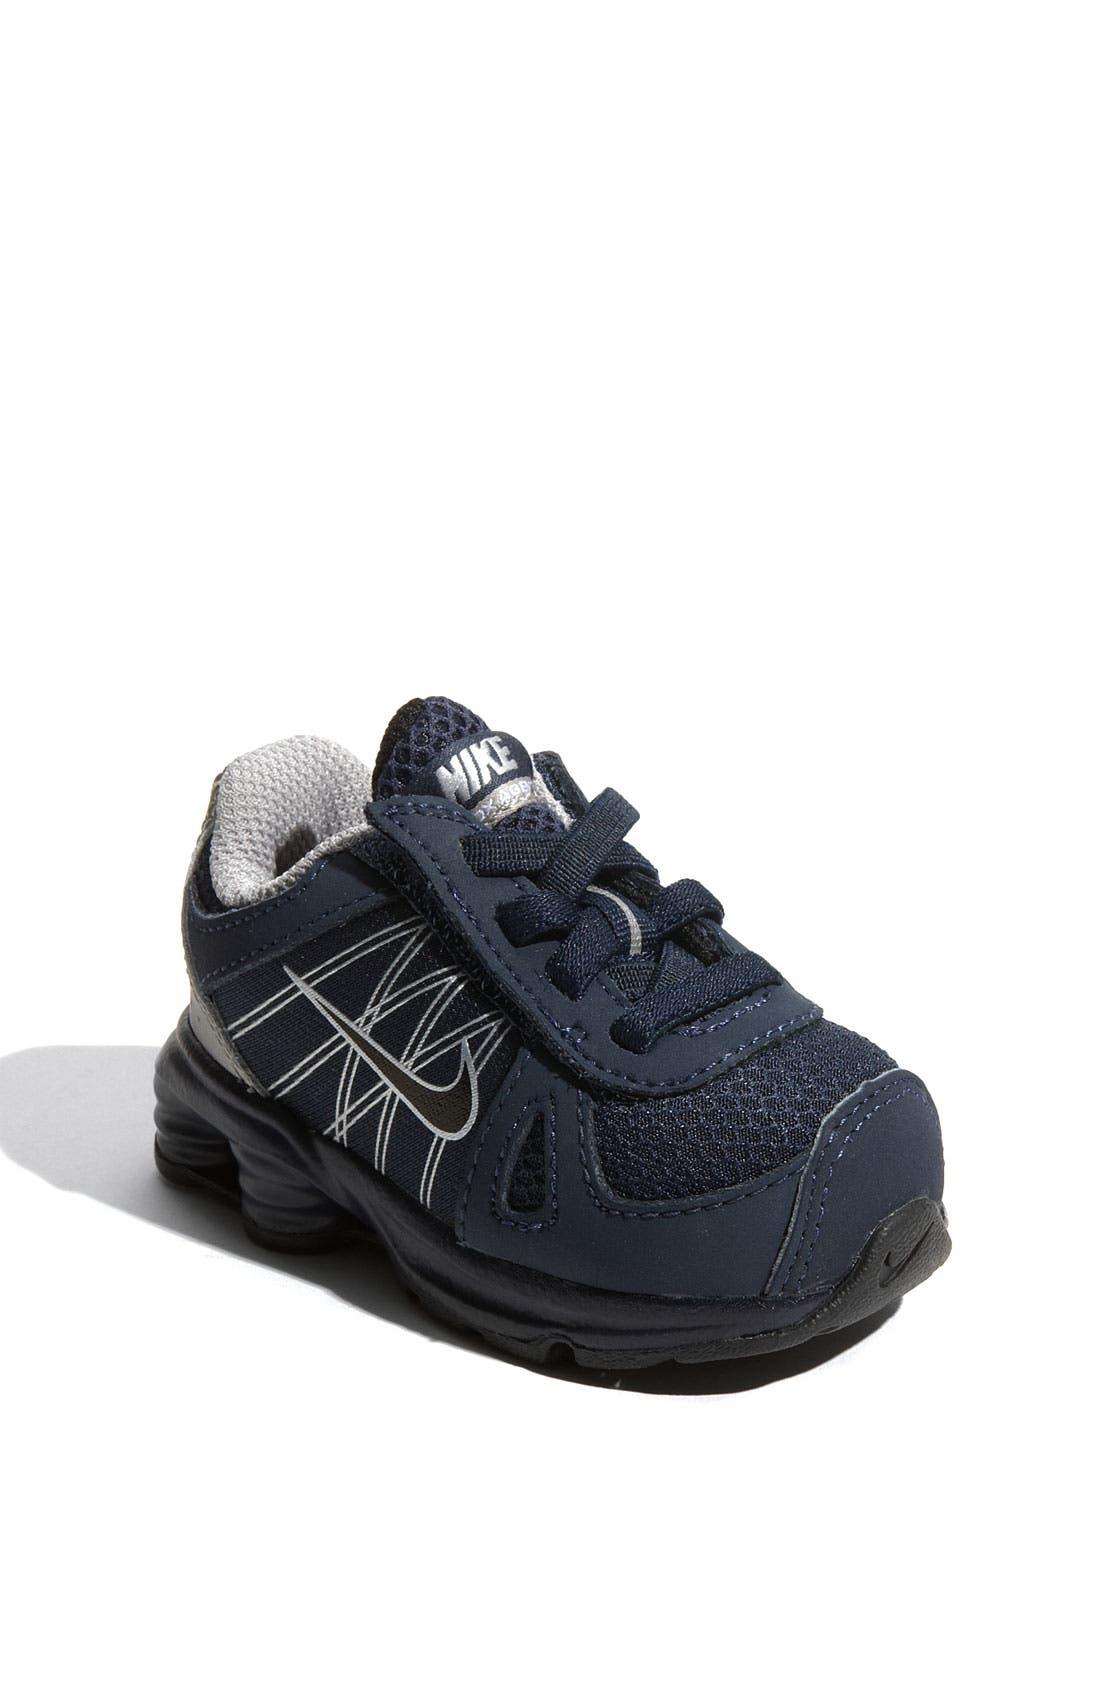 Nike Shox Agente Camas Para Niños Pequeños